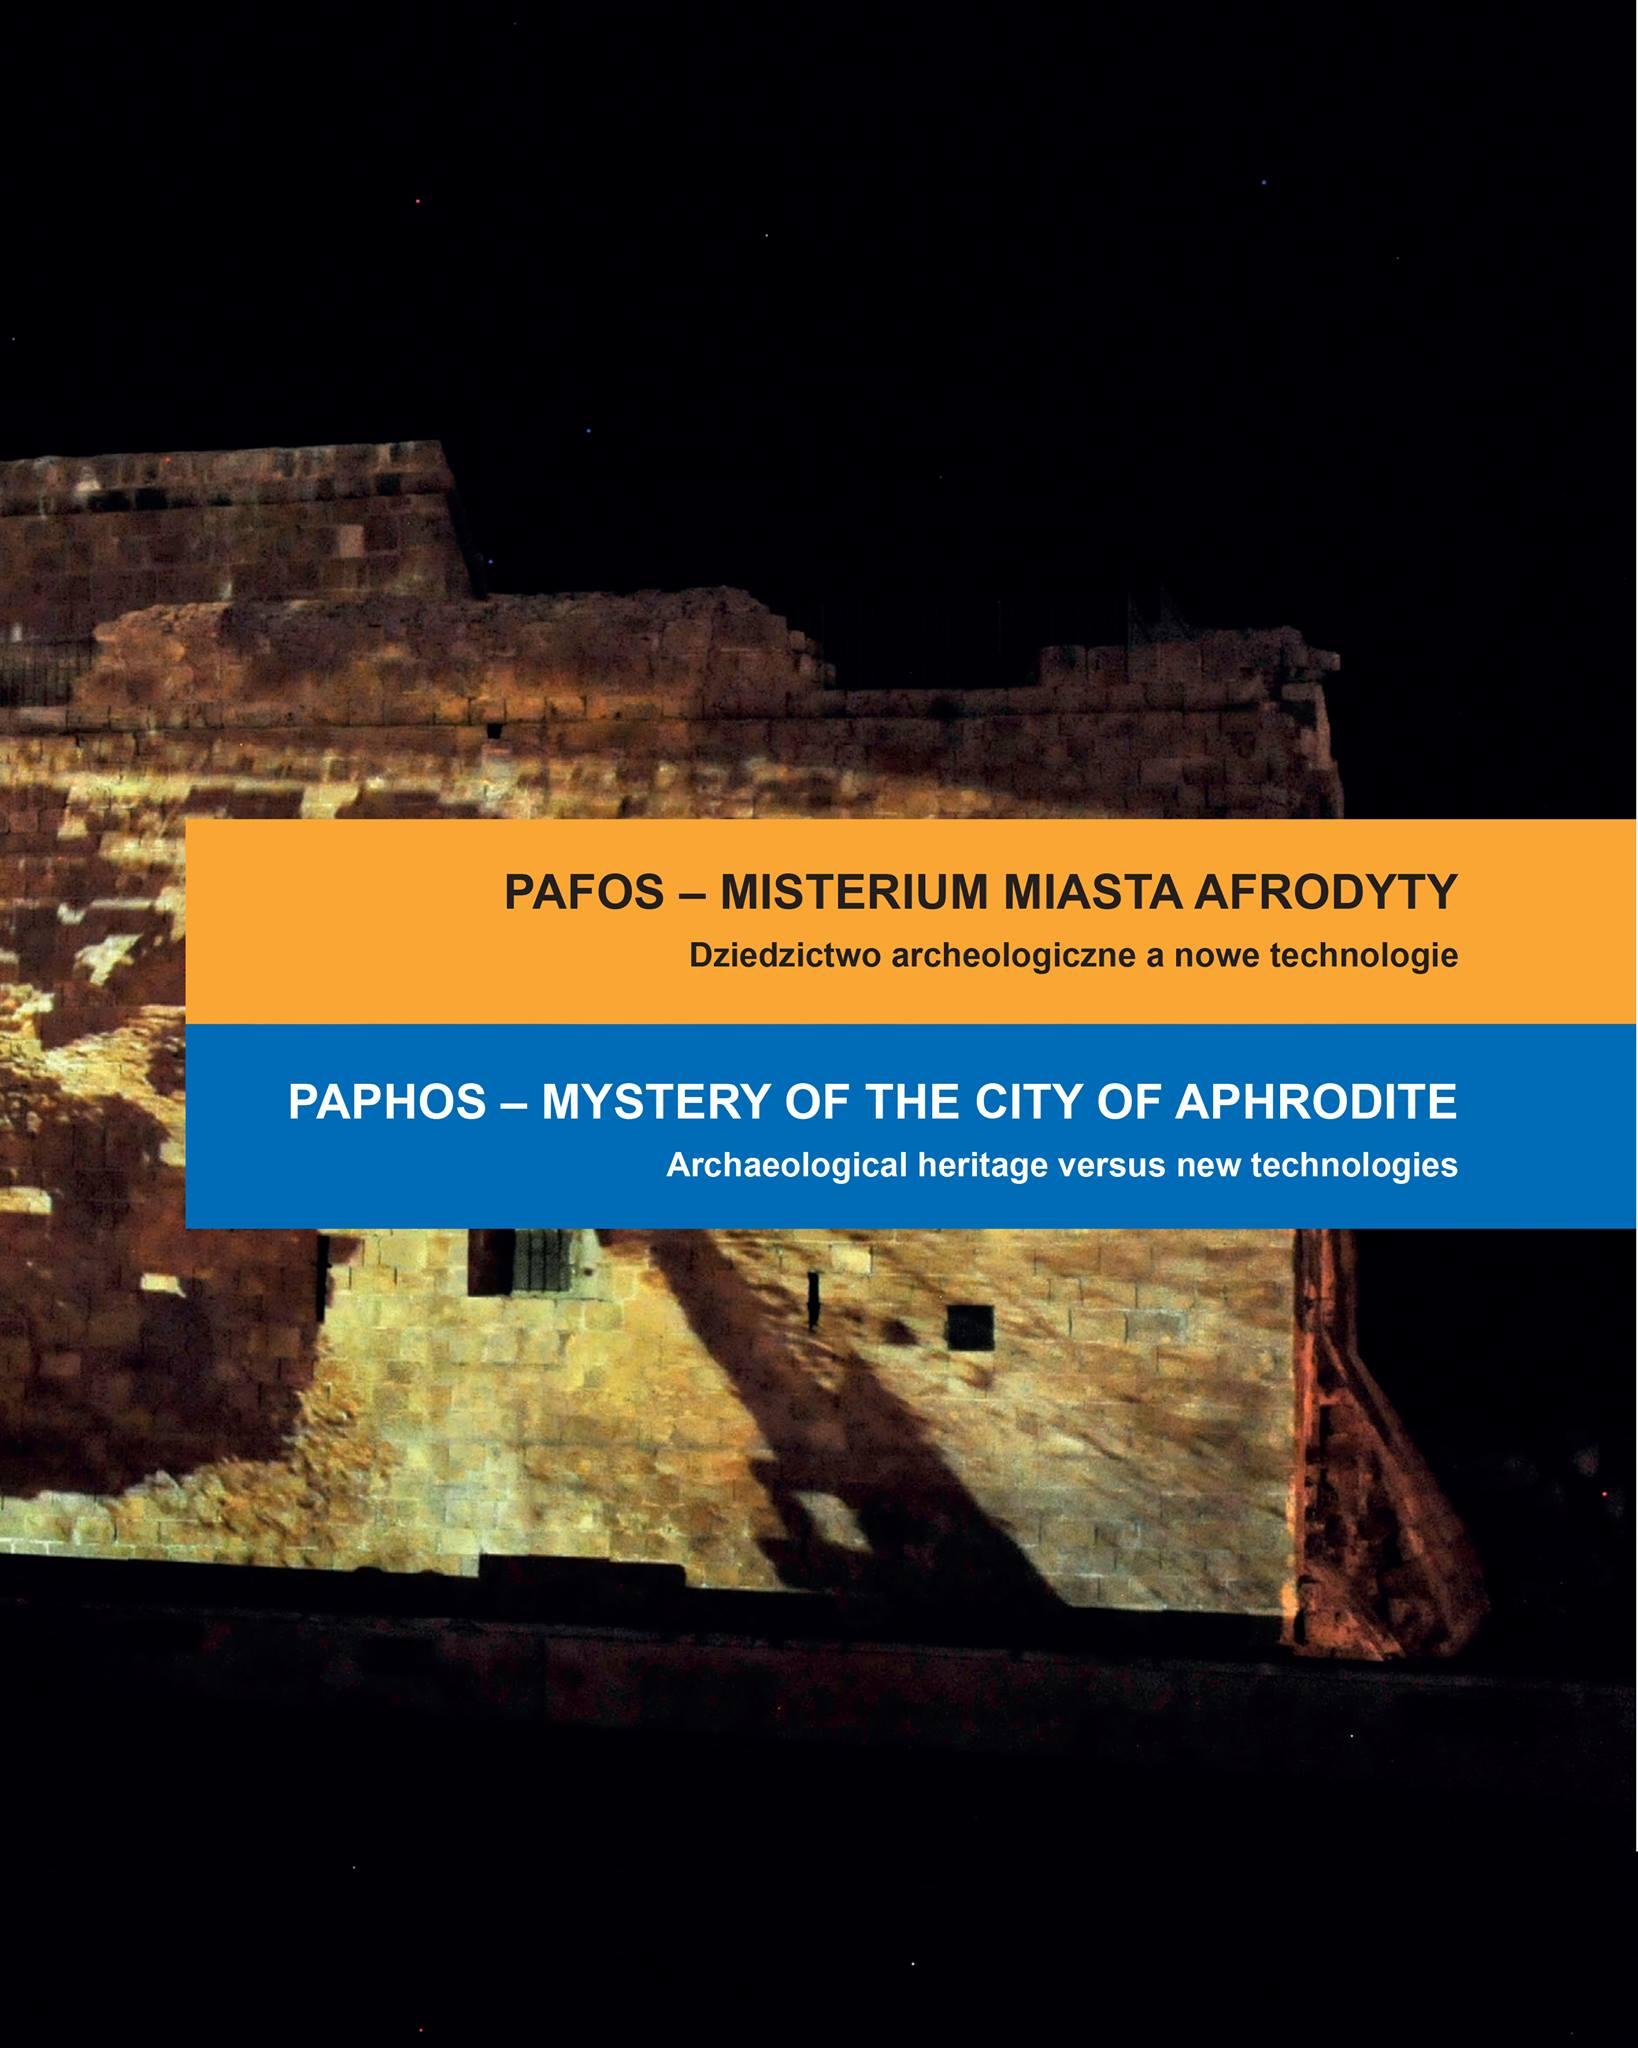 miniatura Serwis Nauka w Polsce o najnowszej publikacji archeologów z Paphos Agora Project